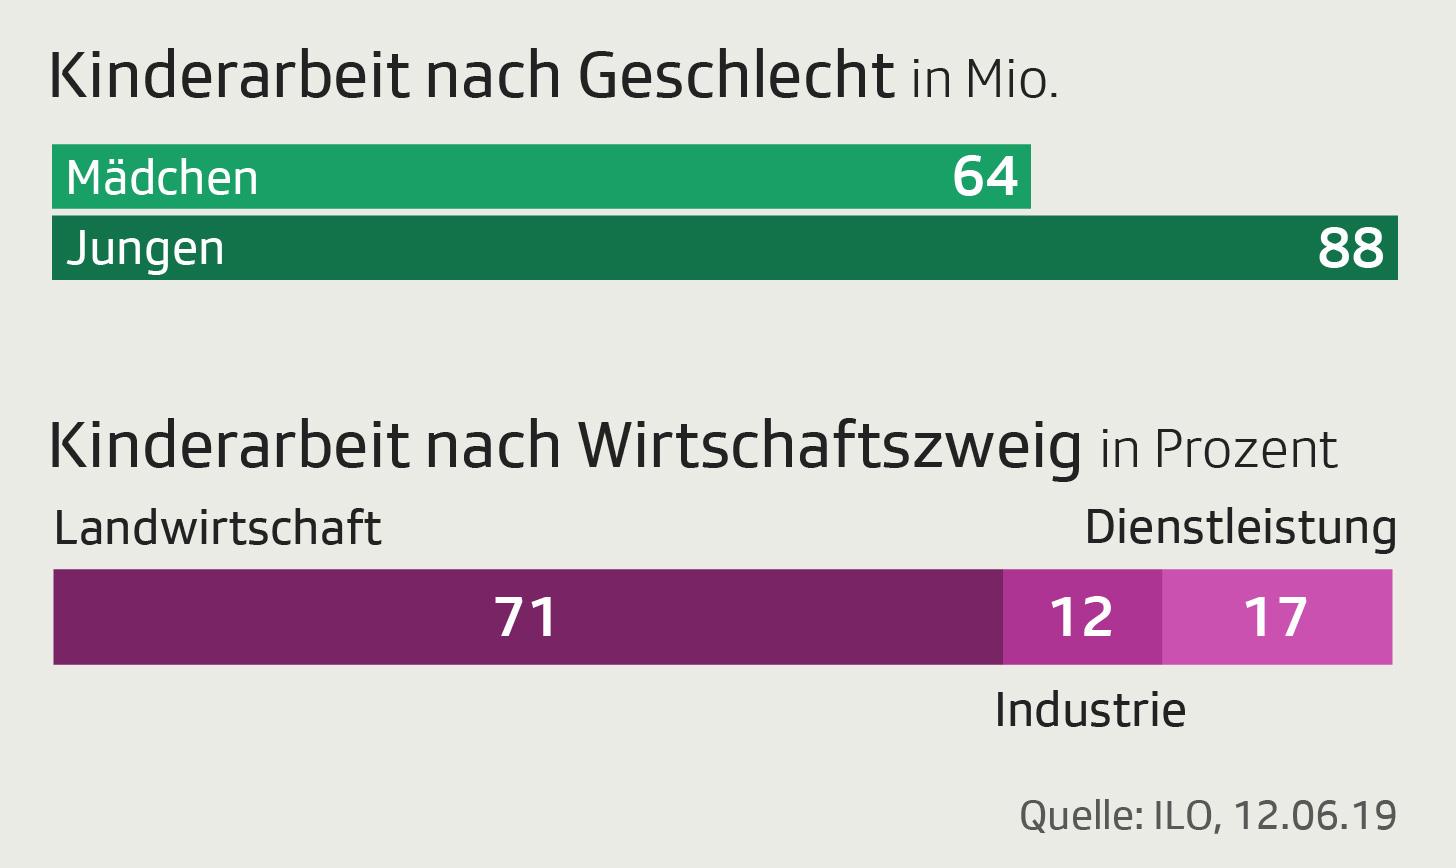 Grafik zeigt Anzahl von Kindern, die arbeiten müssen nach Geschlecht und Wirtschaftszweig